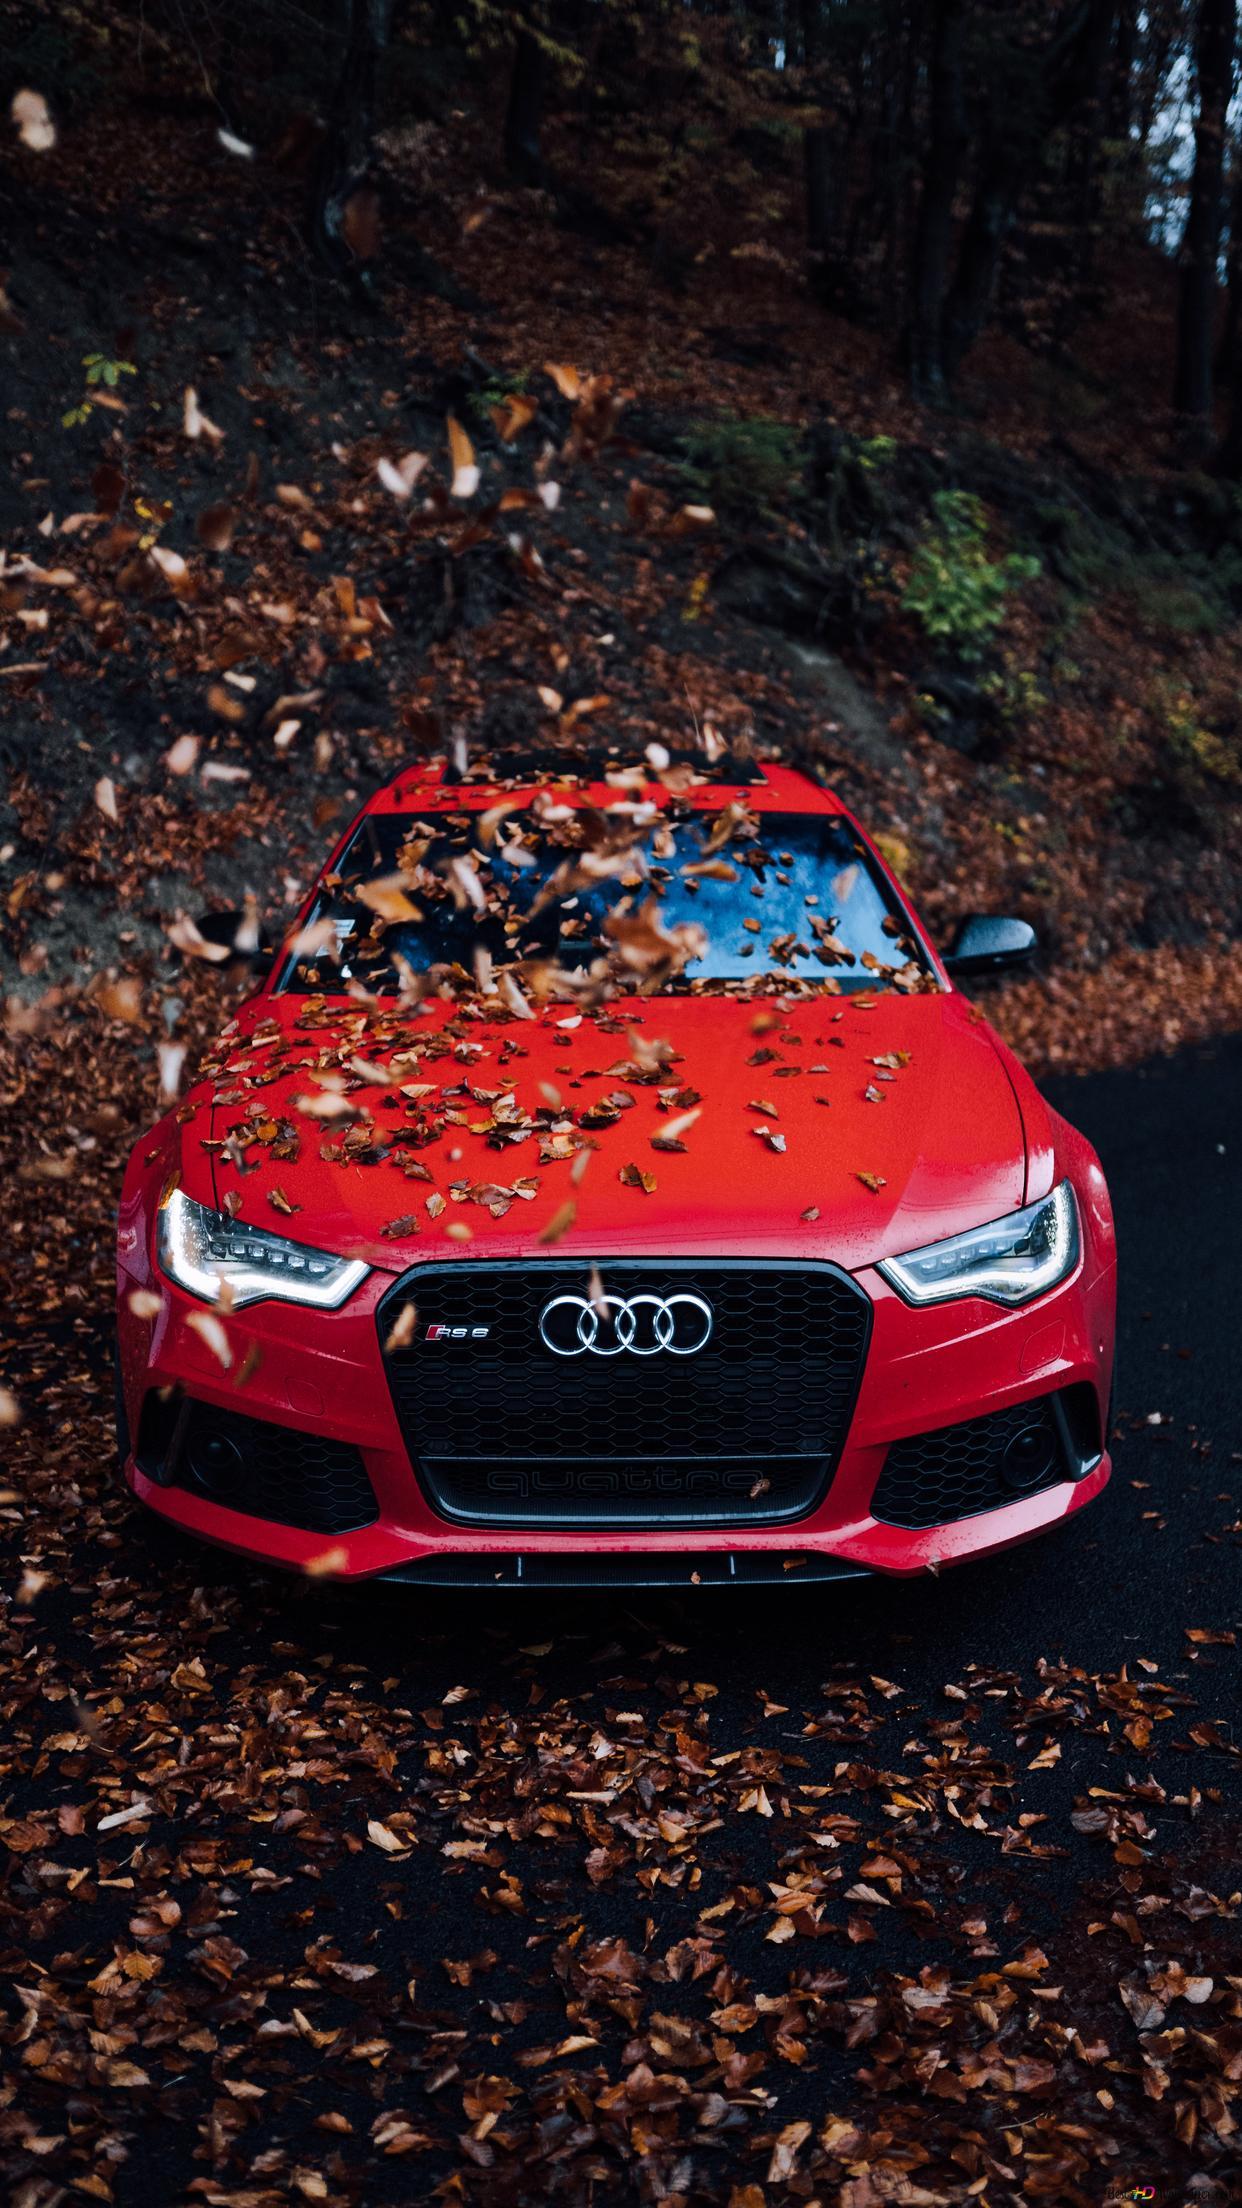 フード上記乾燥した葉の赤いアウディ車 Hd壁紙のダウンロード